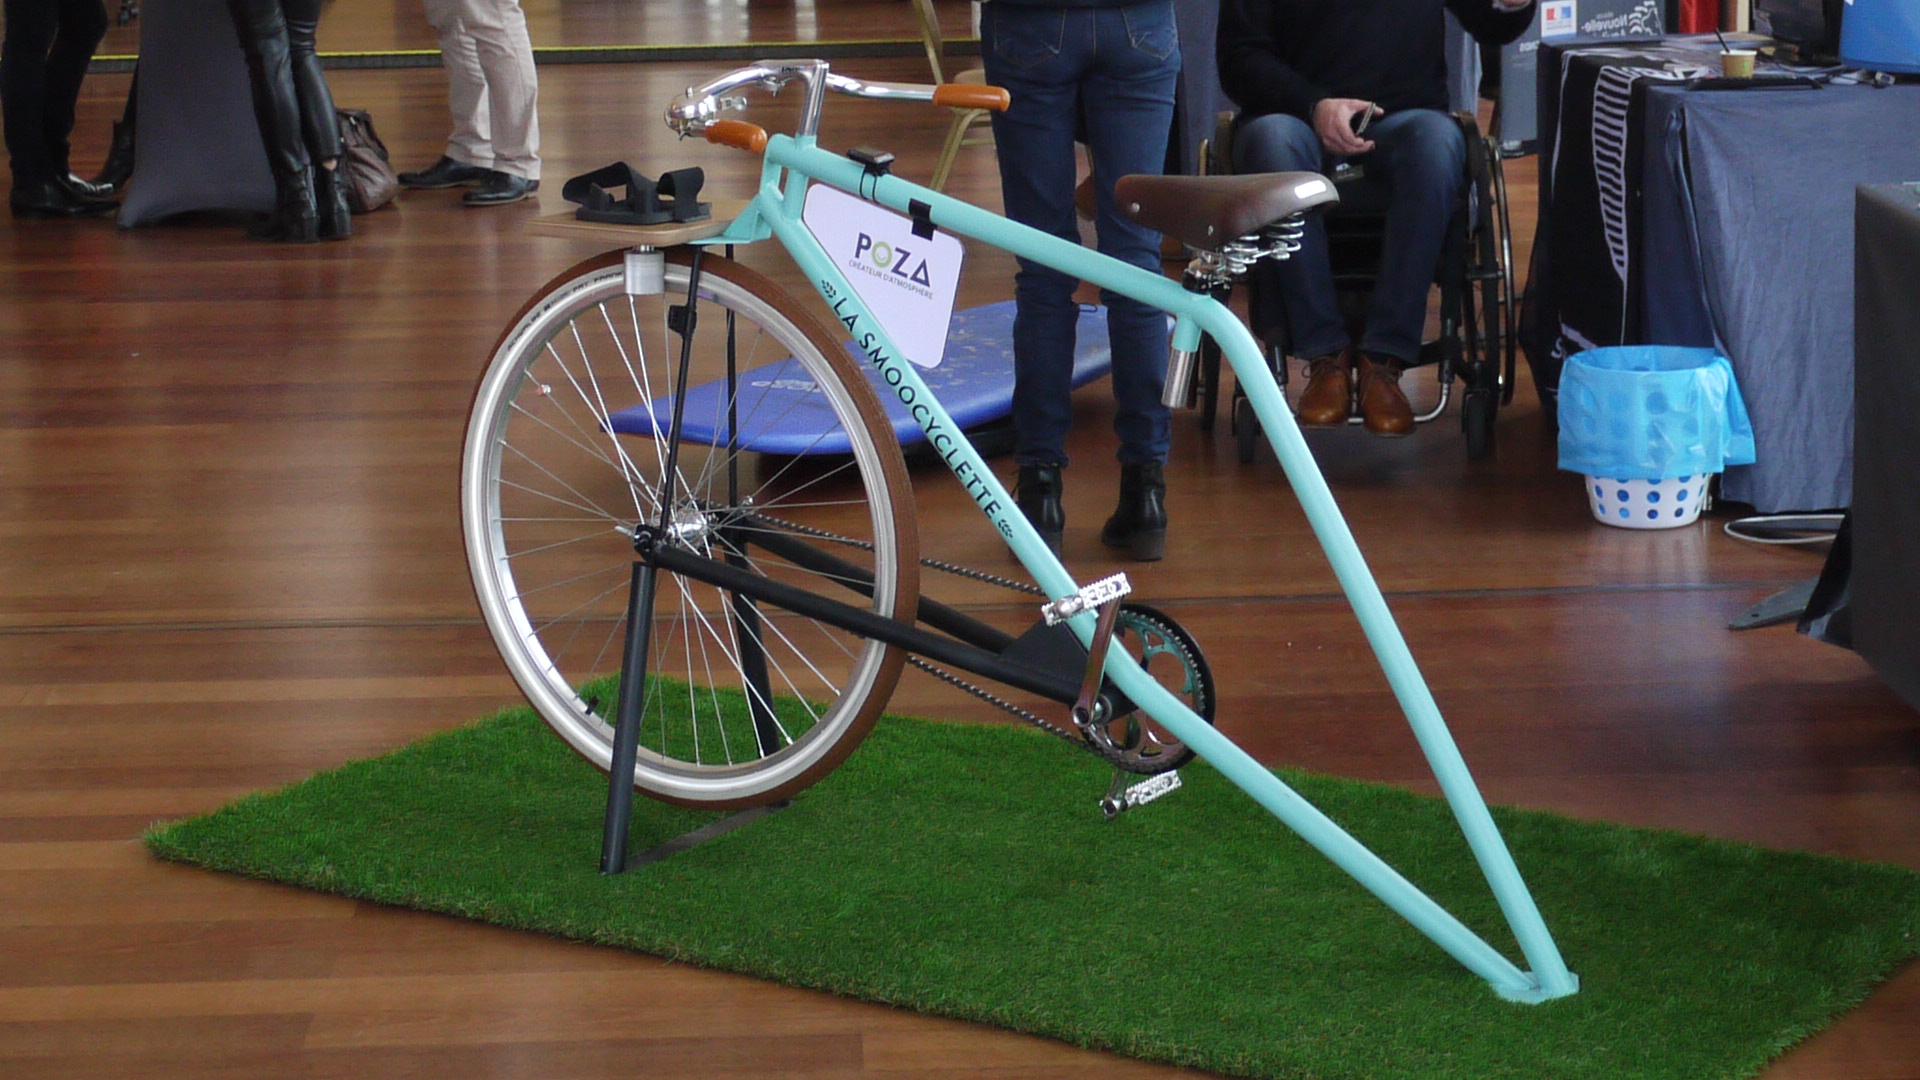 La Smoocyclette personnalisée Poza au casino de Biarritz